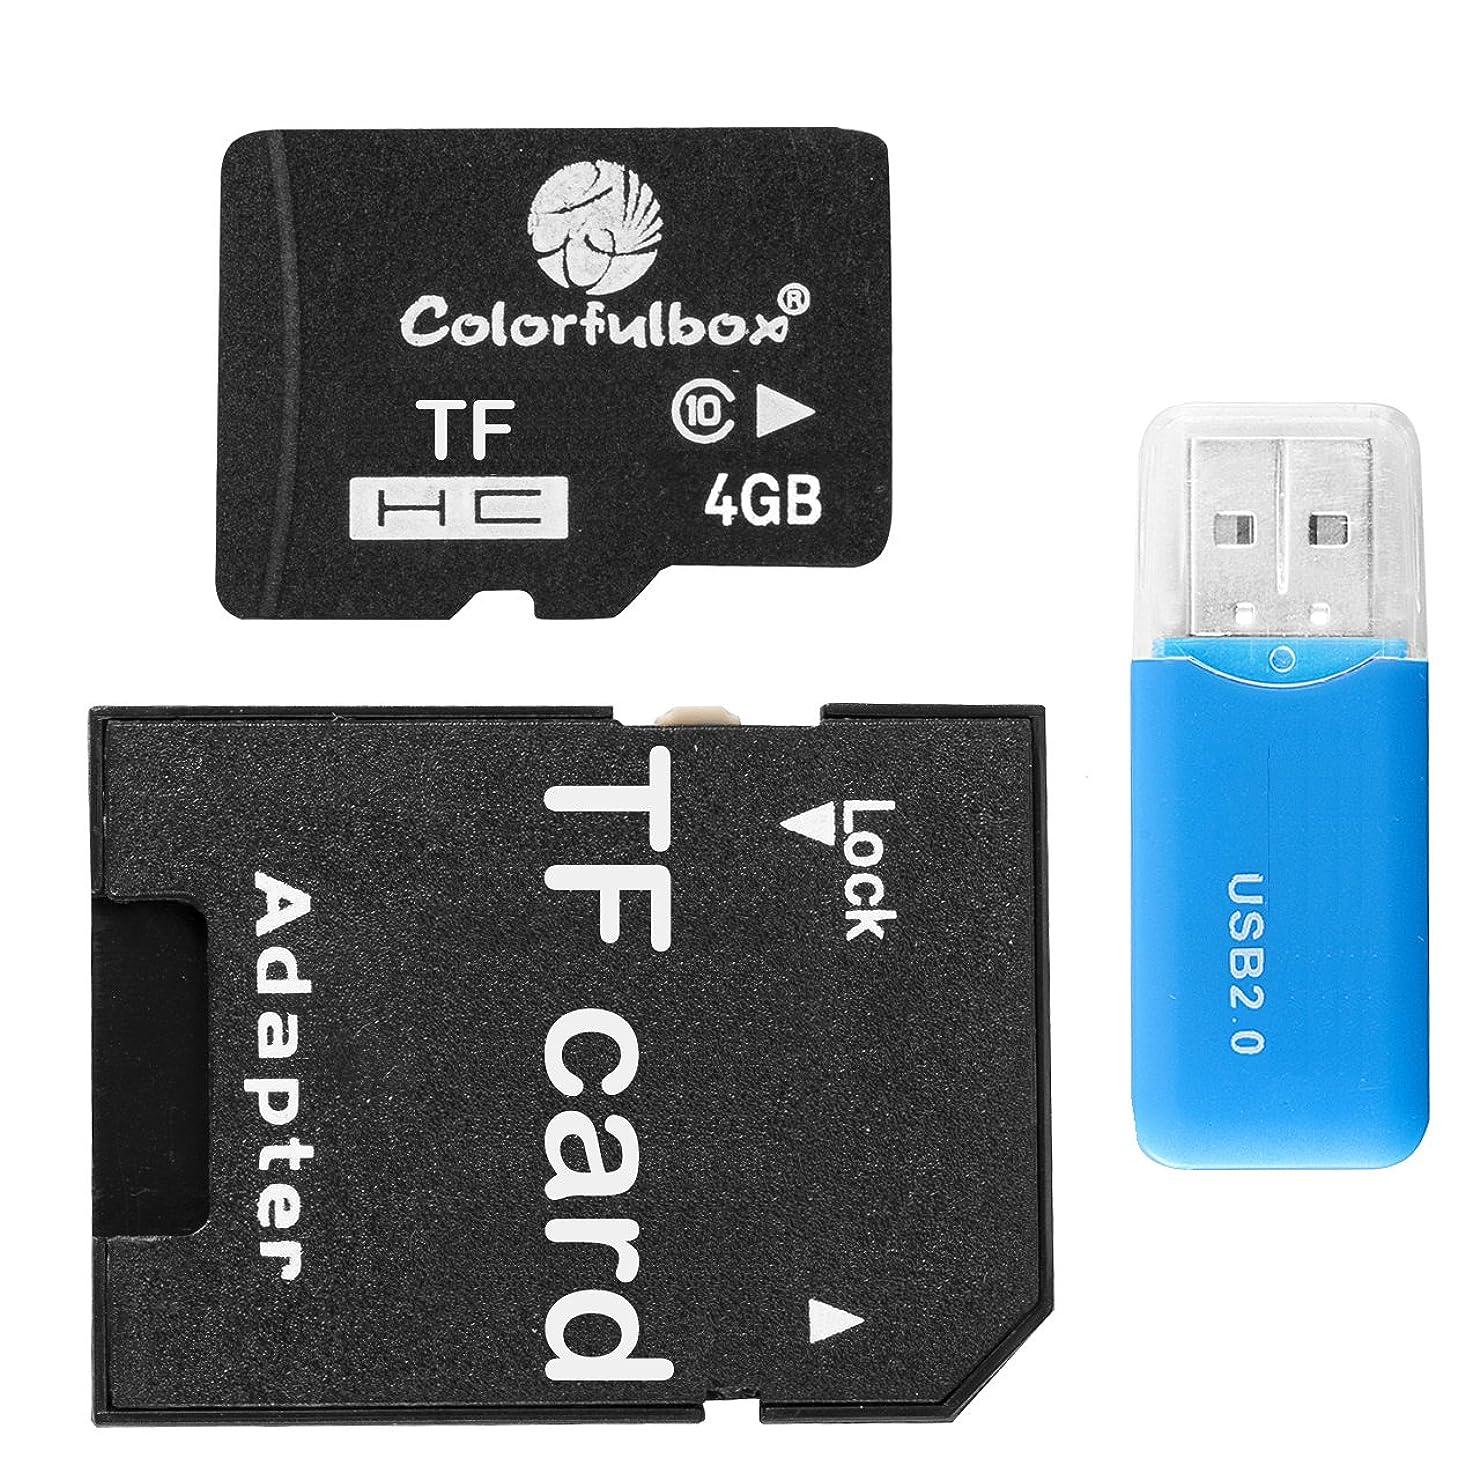 油橋二層diconna Class 10 microTF/SDHC カード +専用アダプター+USB 2.0 カードリーダー + 保管用クリアケース DF563 (4GB)